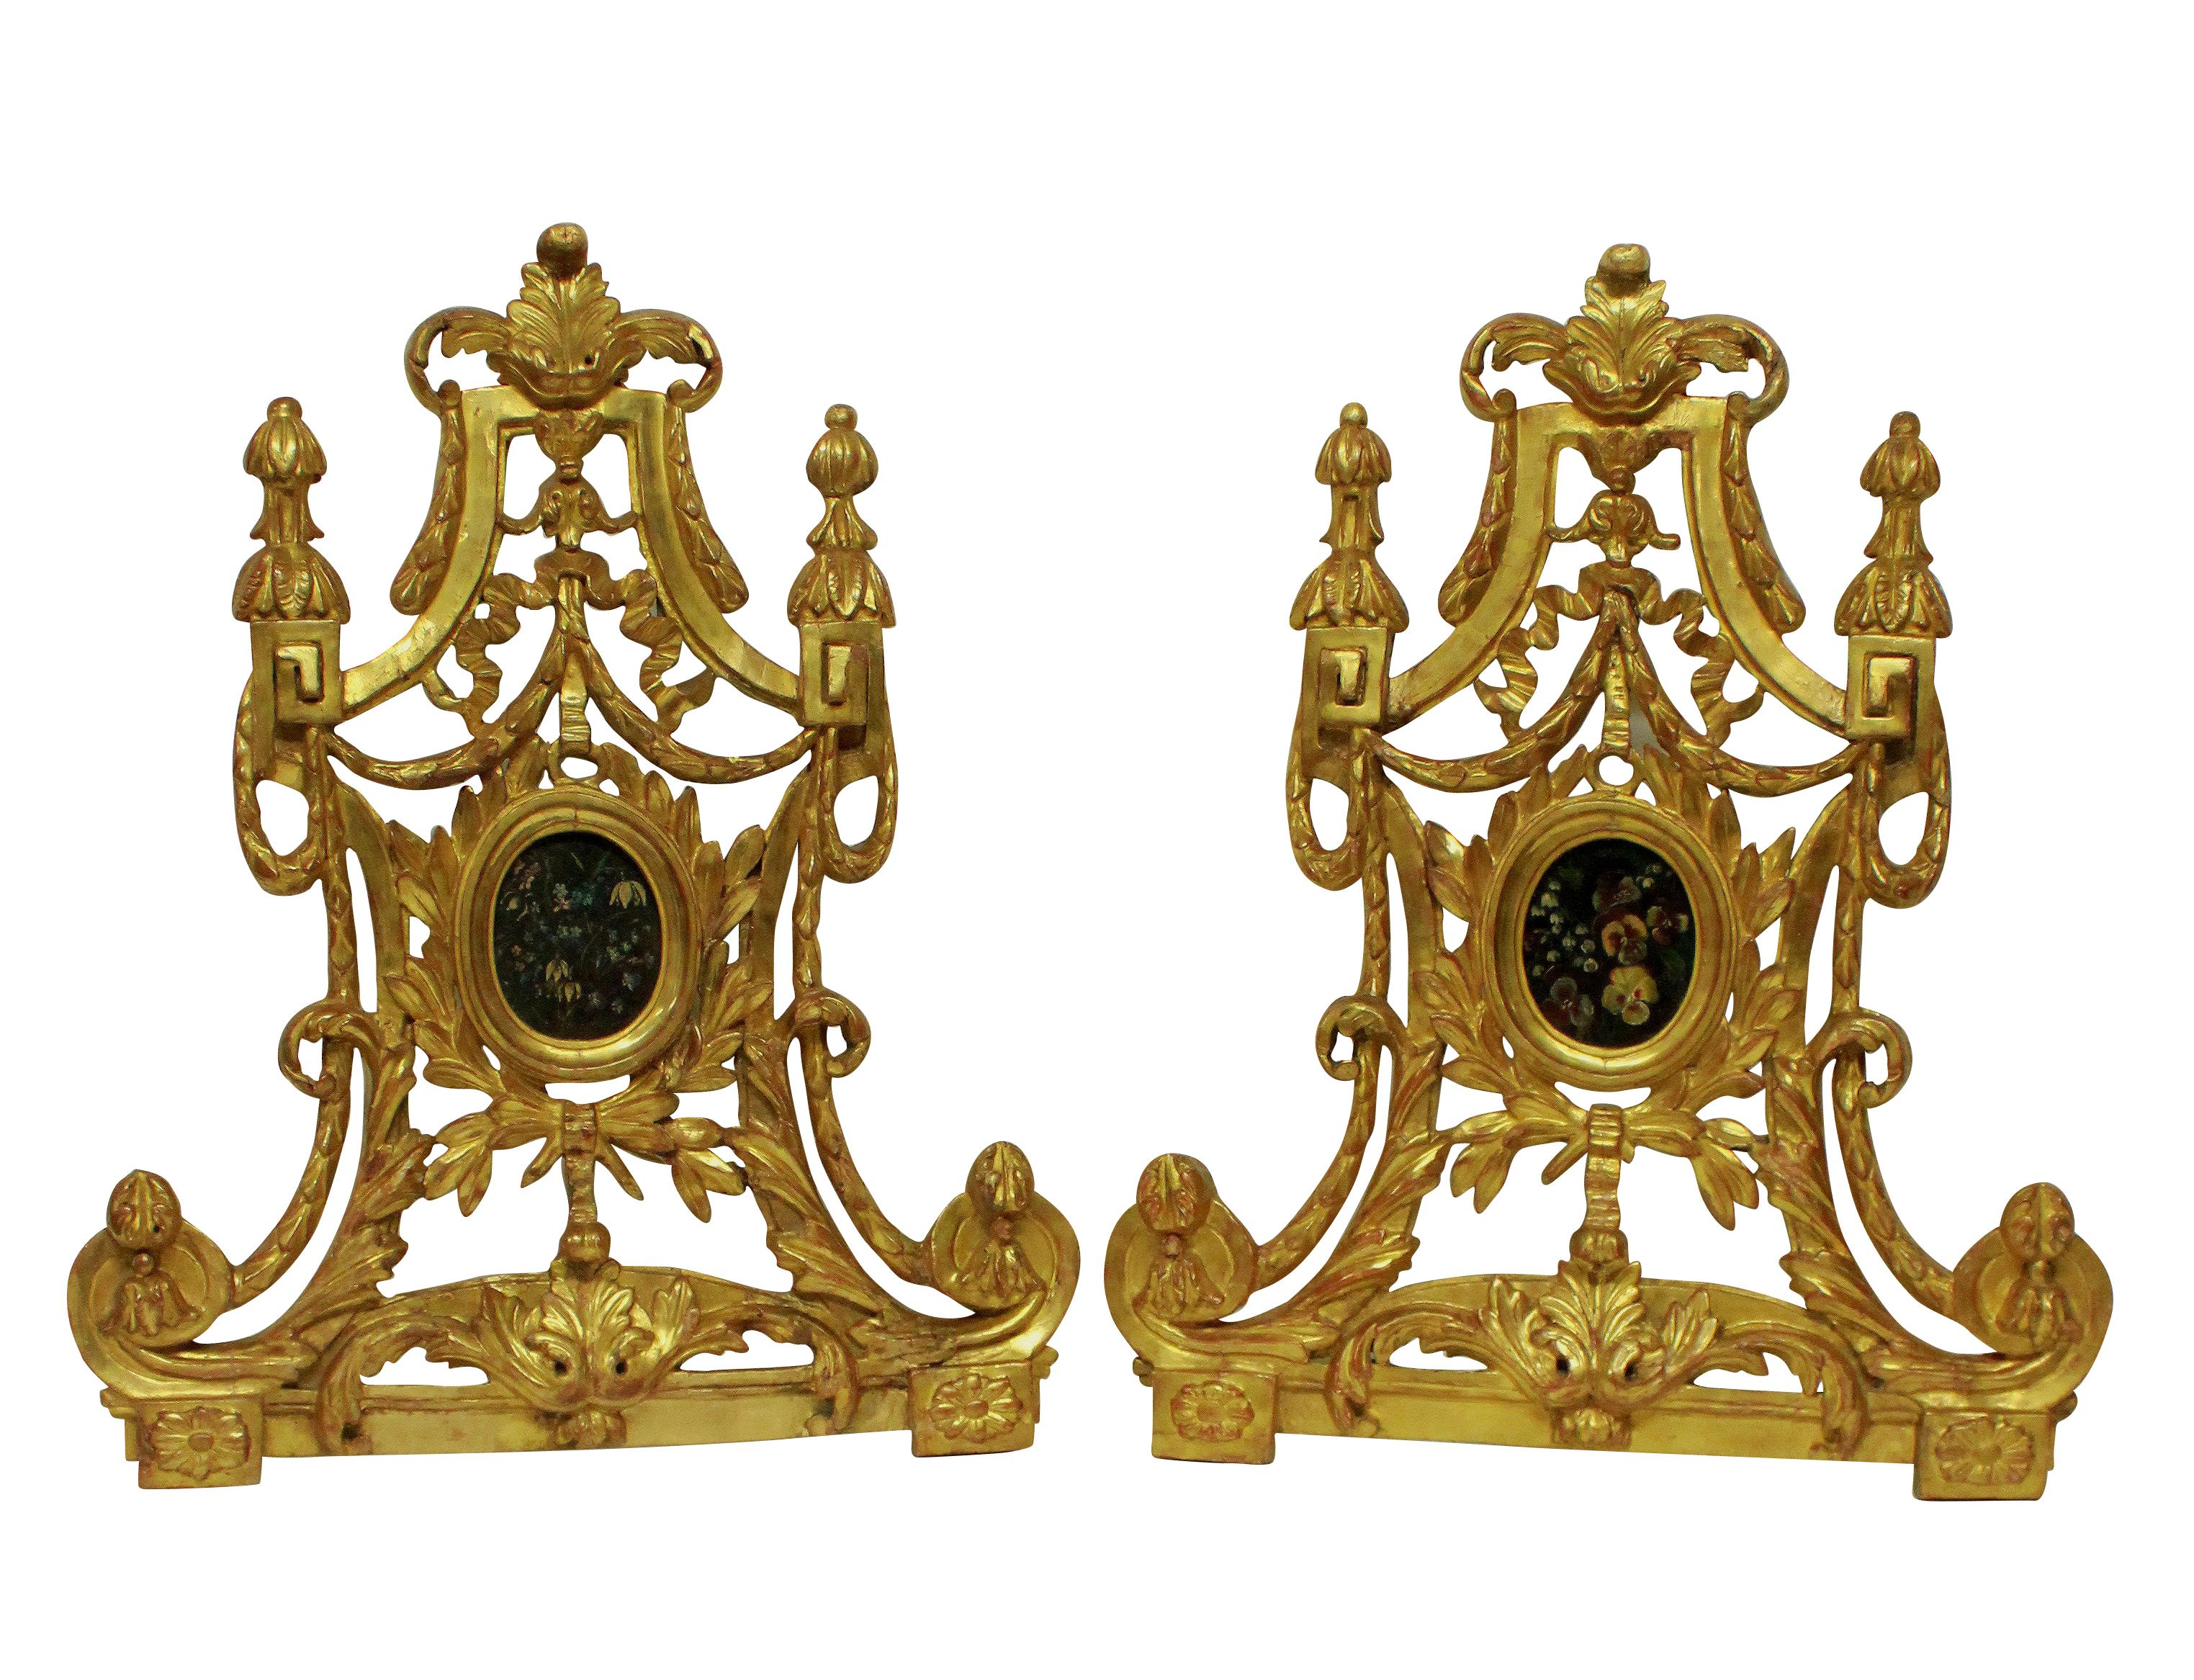 A PAIR OF LARGE XVIII CENTURY ITALIAN RELIQUARIES